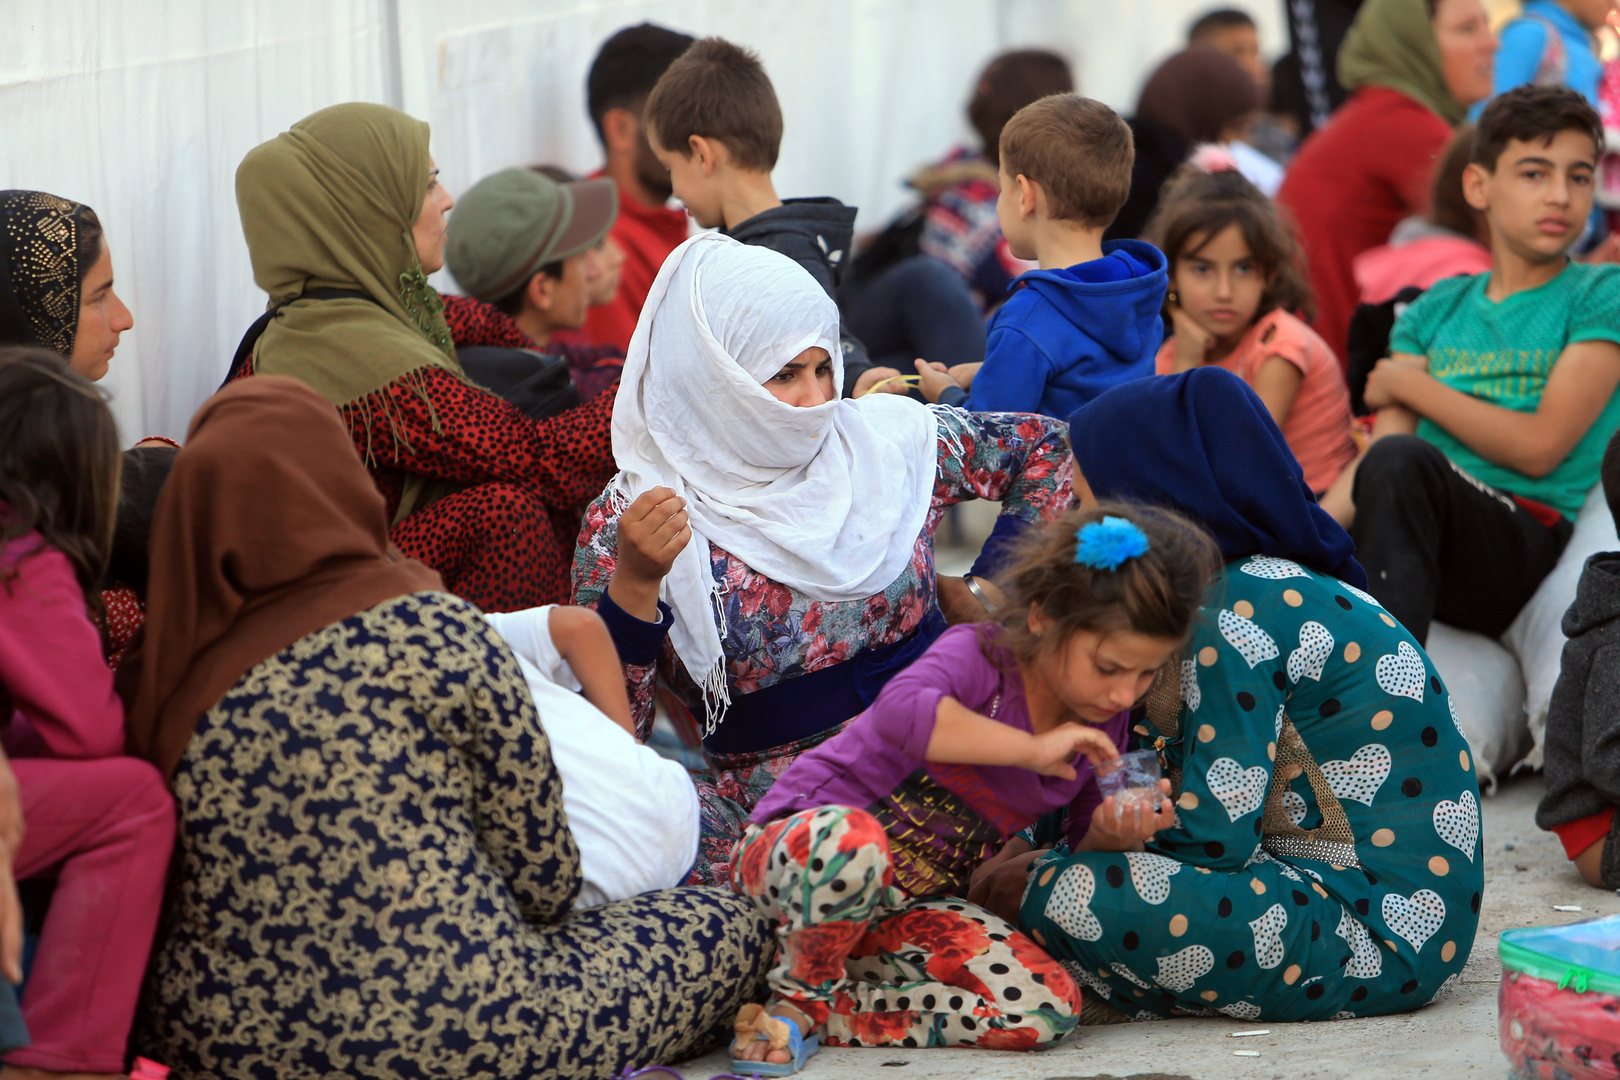 موسكو تعلق على وضع اللاجئين السوريين في المخيمات تحت السيطرة الأمريكية